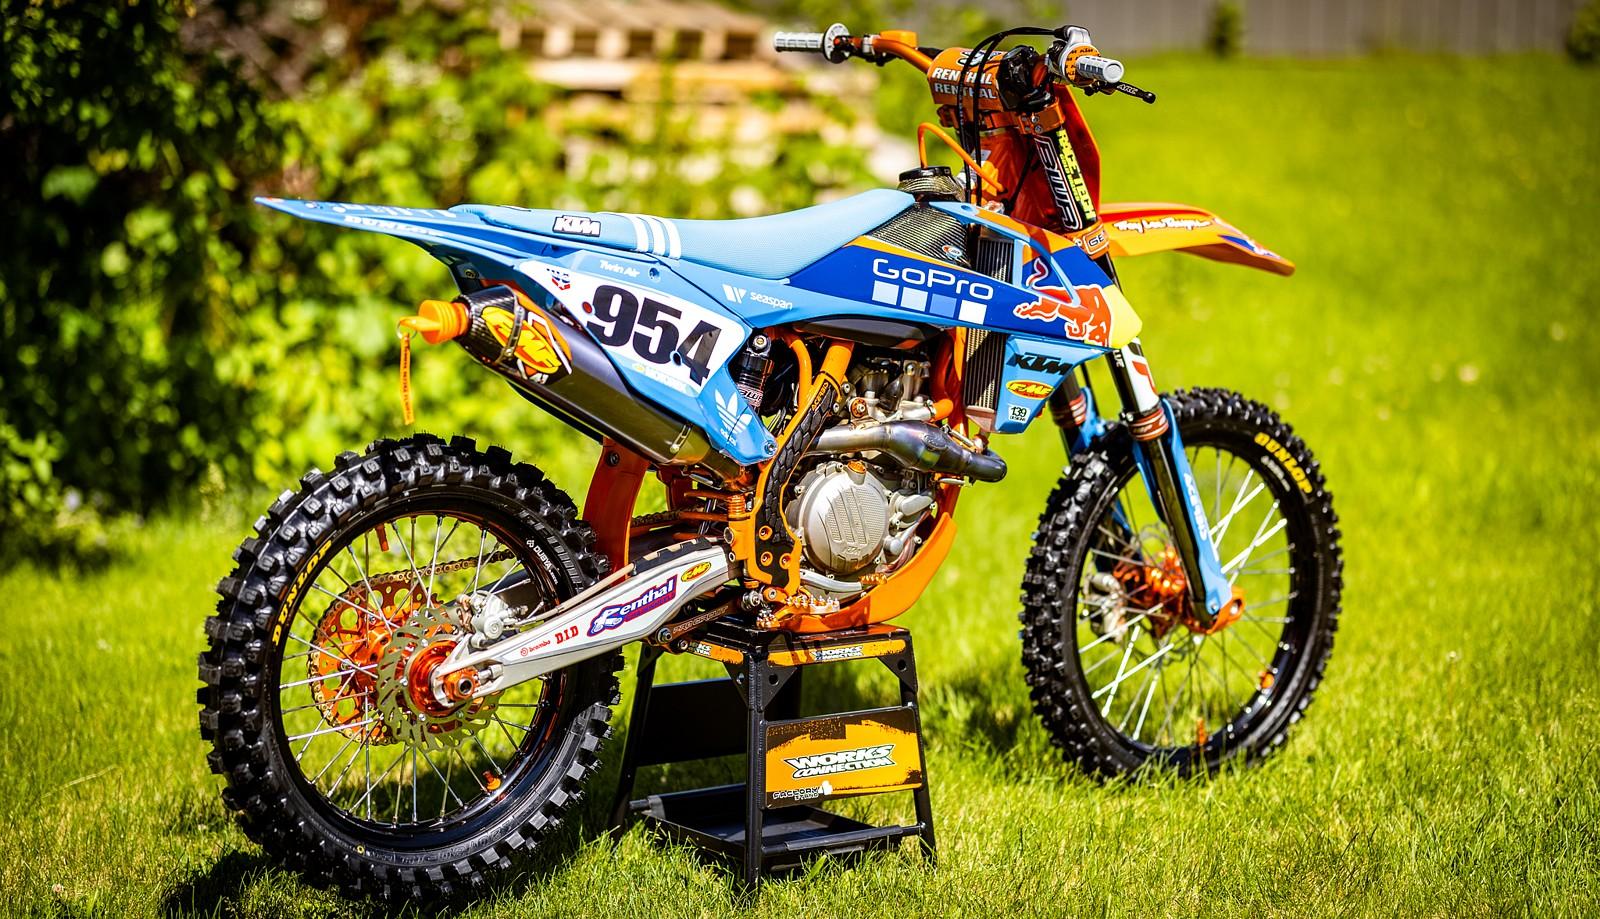 ktm 19 - GForce MMG - Motocross Pictures - Vital MX